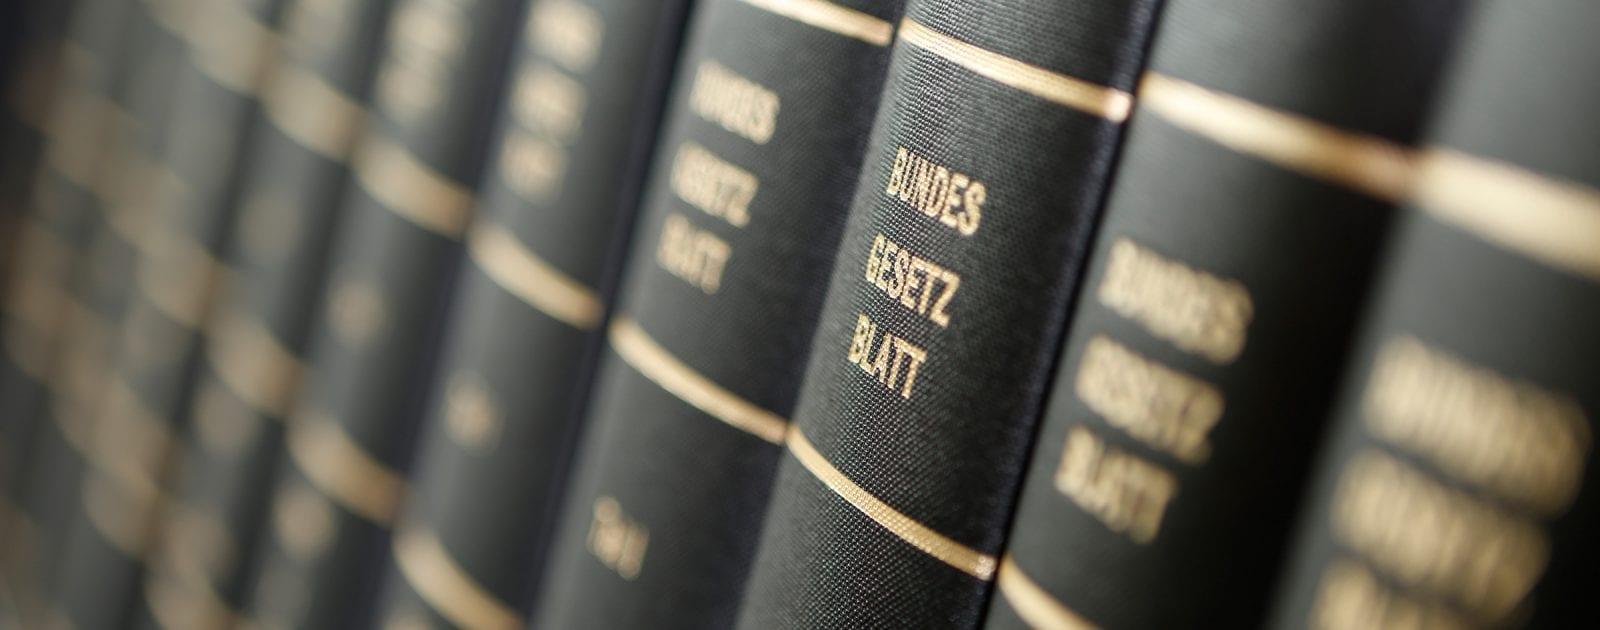 RKM Anwaltskanzlei Notar Göttingen Gesetzesbücher